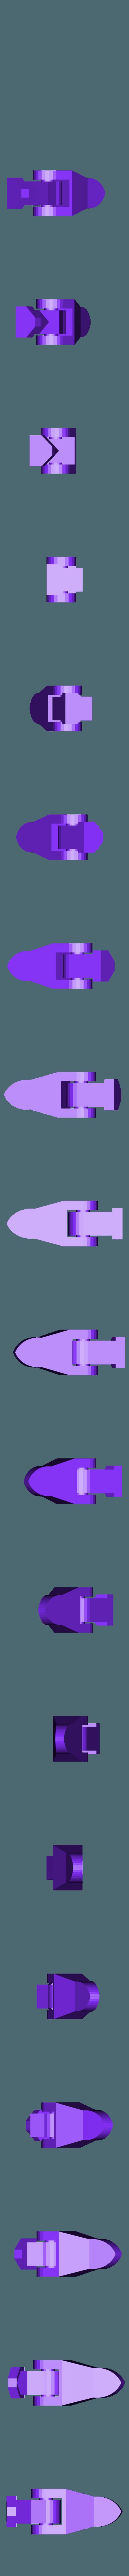 RR_tail.stl Télécharger fichier STL La course à pied Rhino • Modèle à imprimer en 3D, Amao